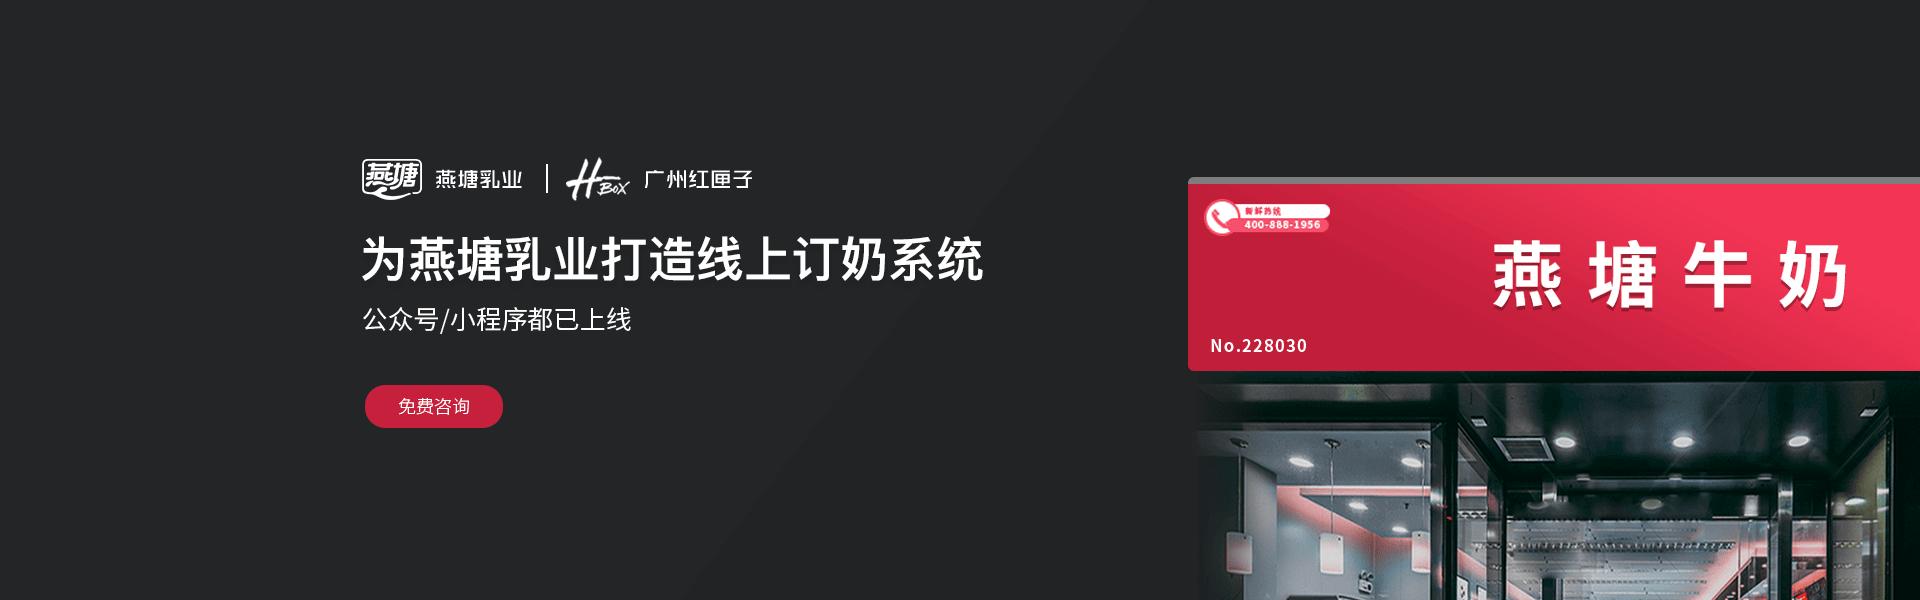 广州燕塘乳业订奶小程序开发